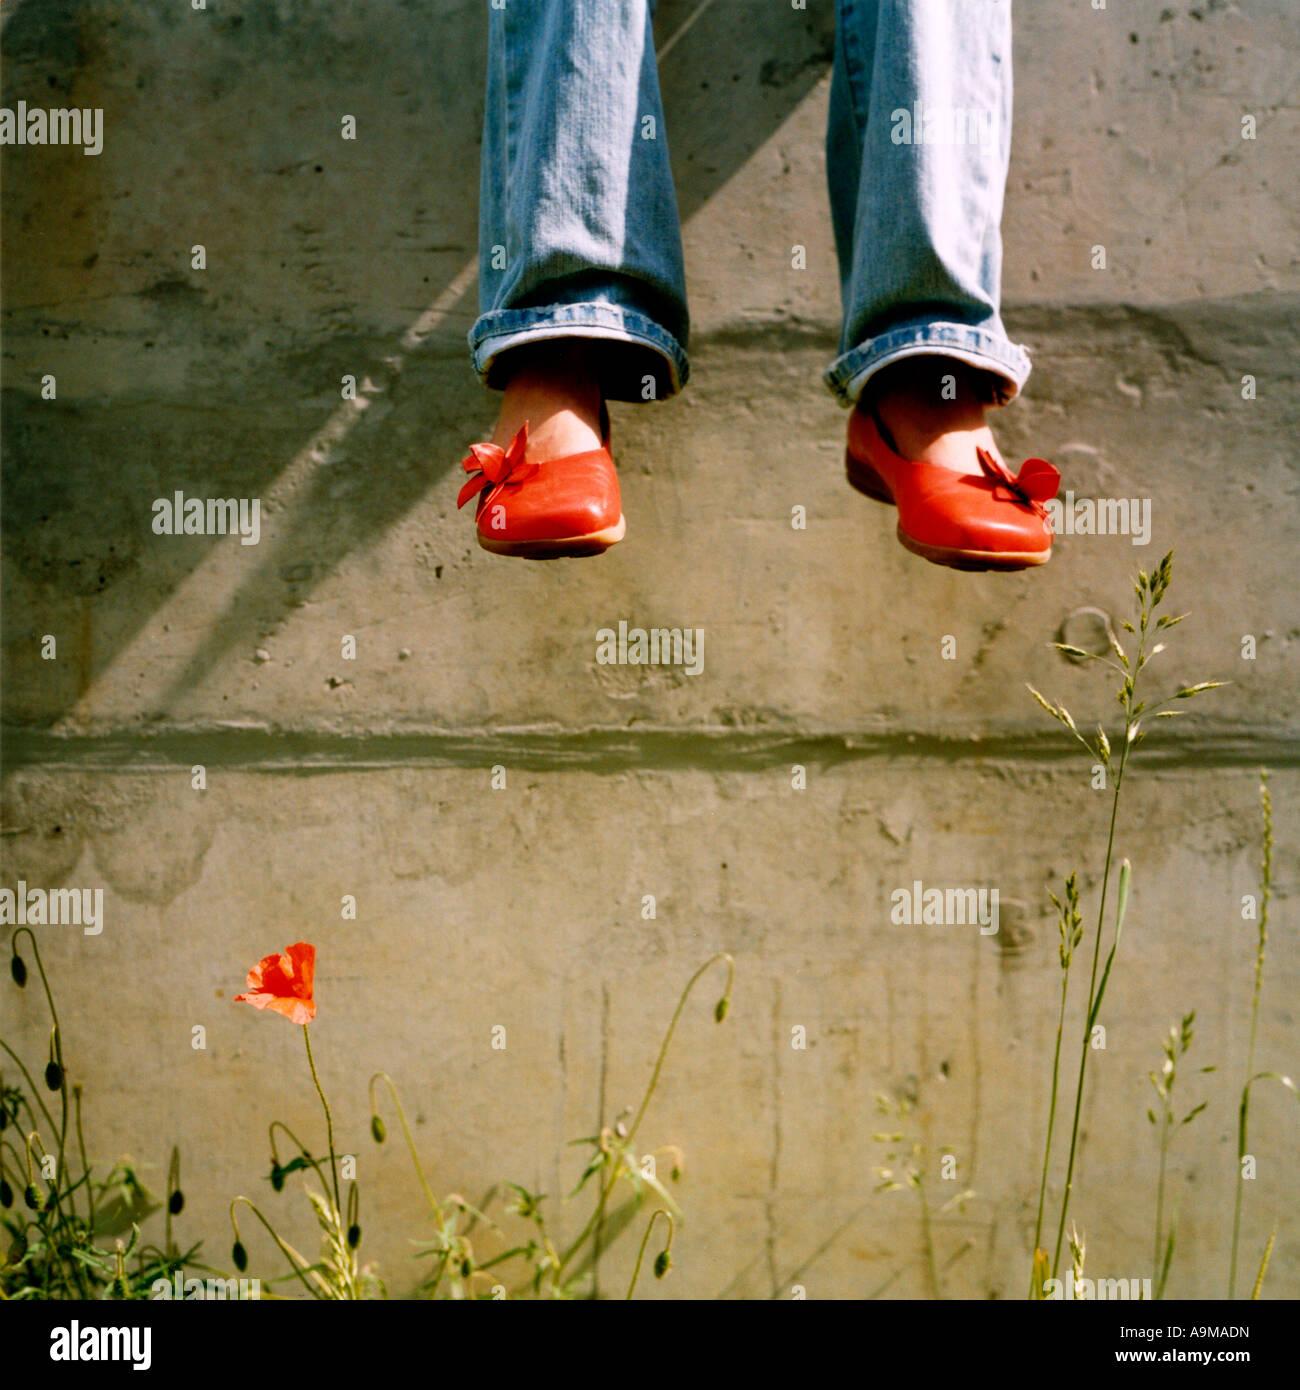 dangle feet over poppy flowers - Stock Image